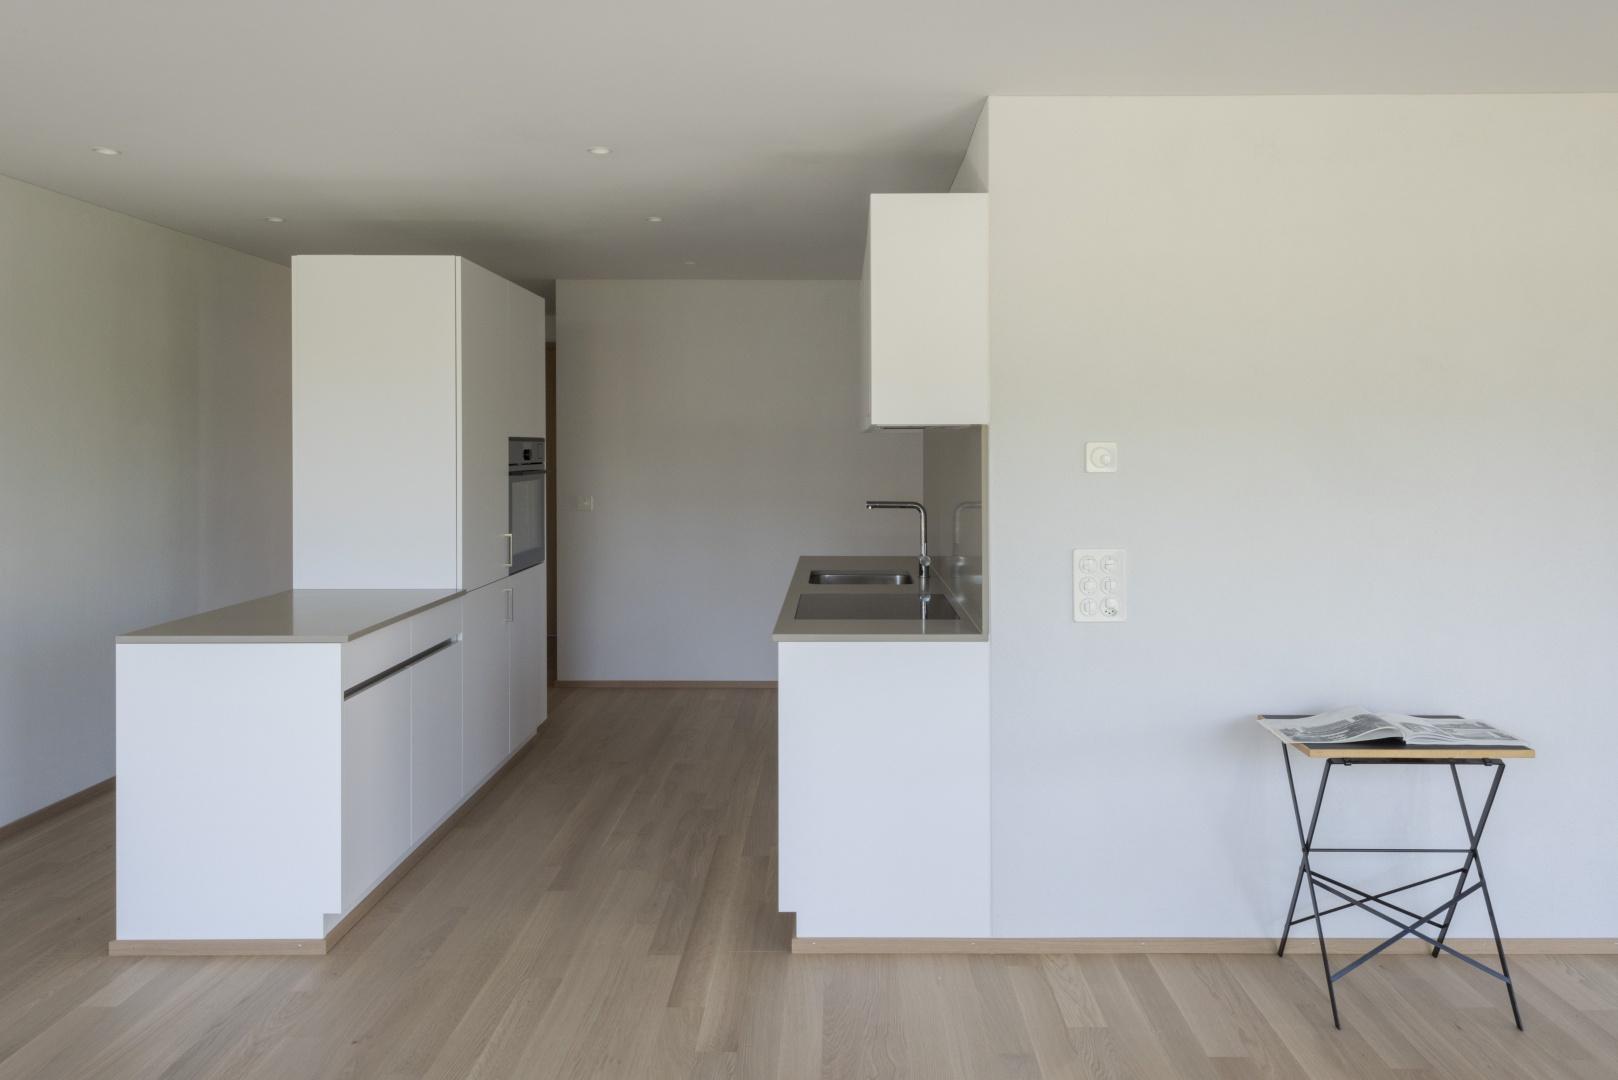 Küche und Garderobe © Laura Egger